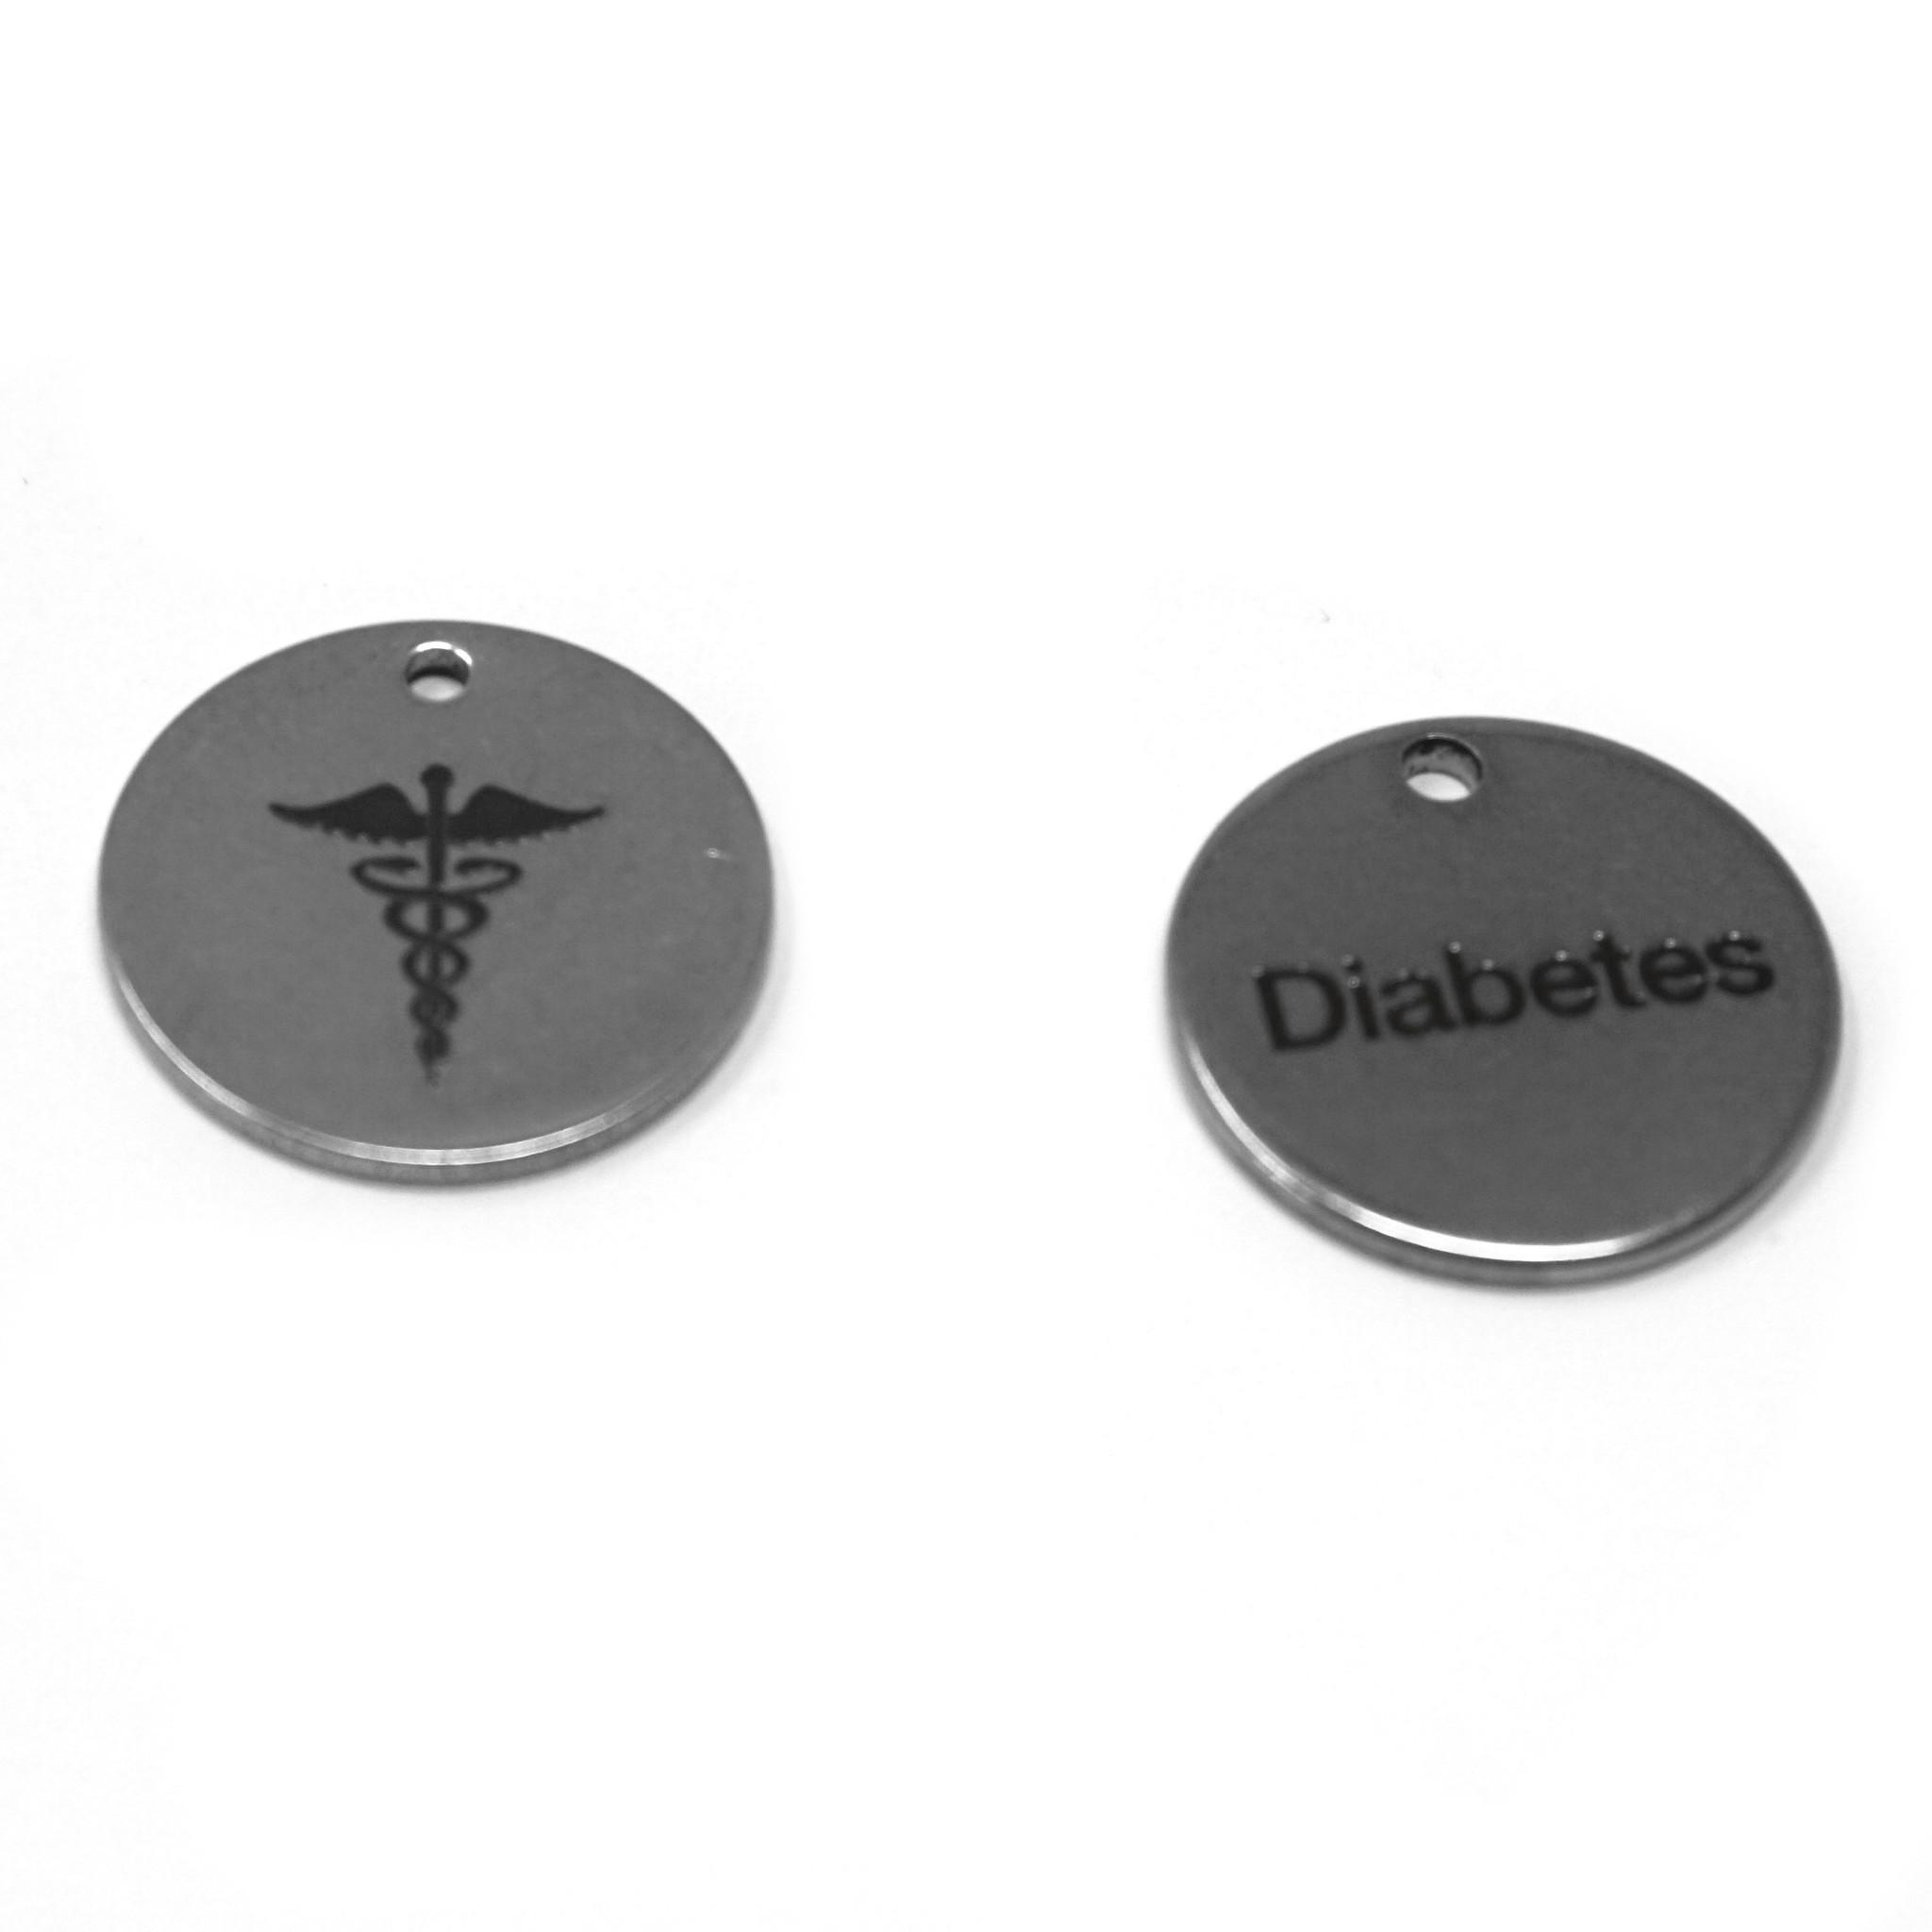 Diabetes Edelstein Armband  - Sea-2